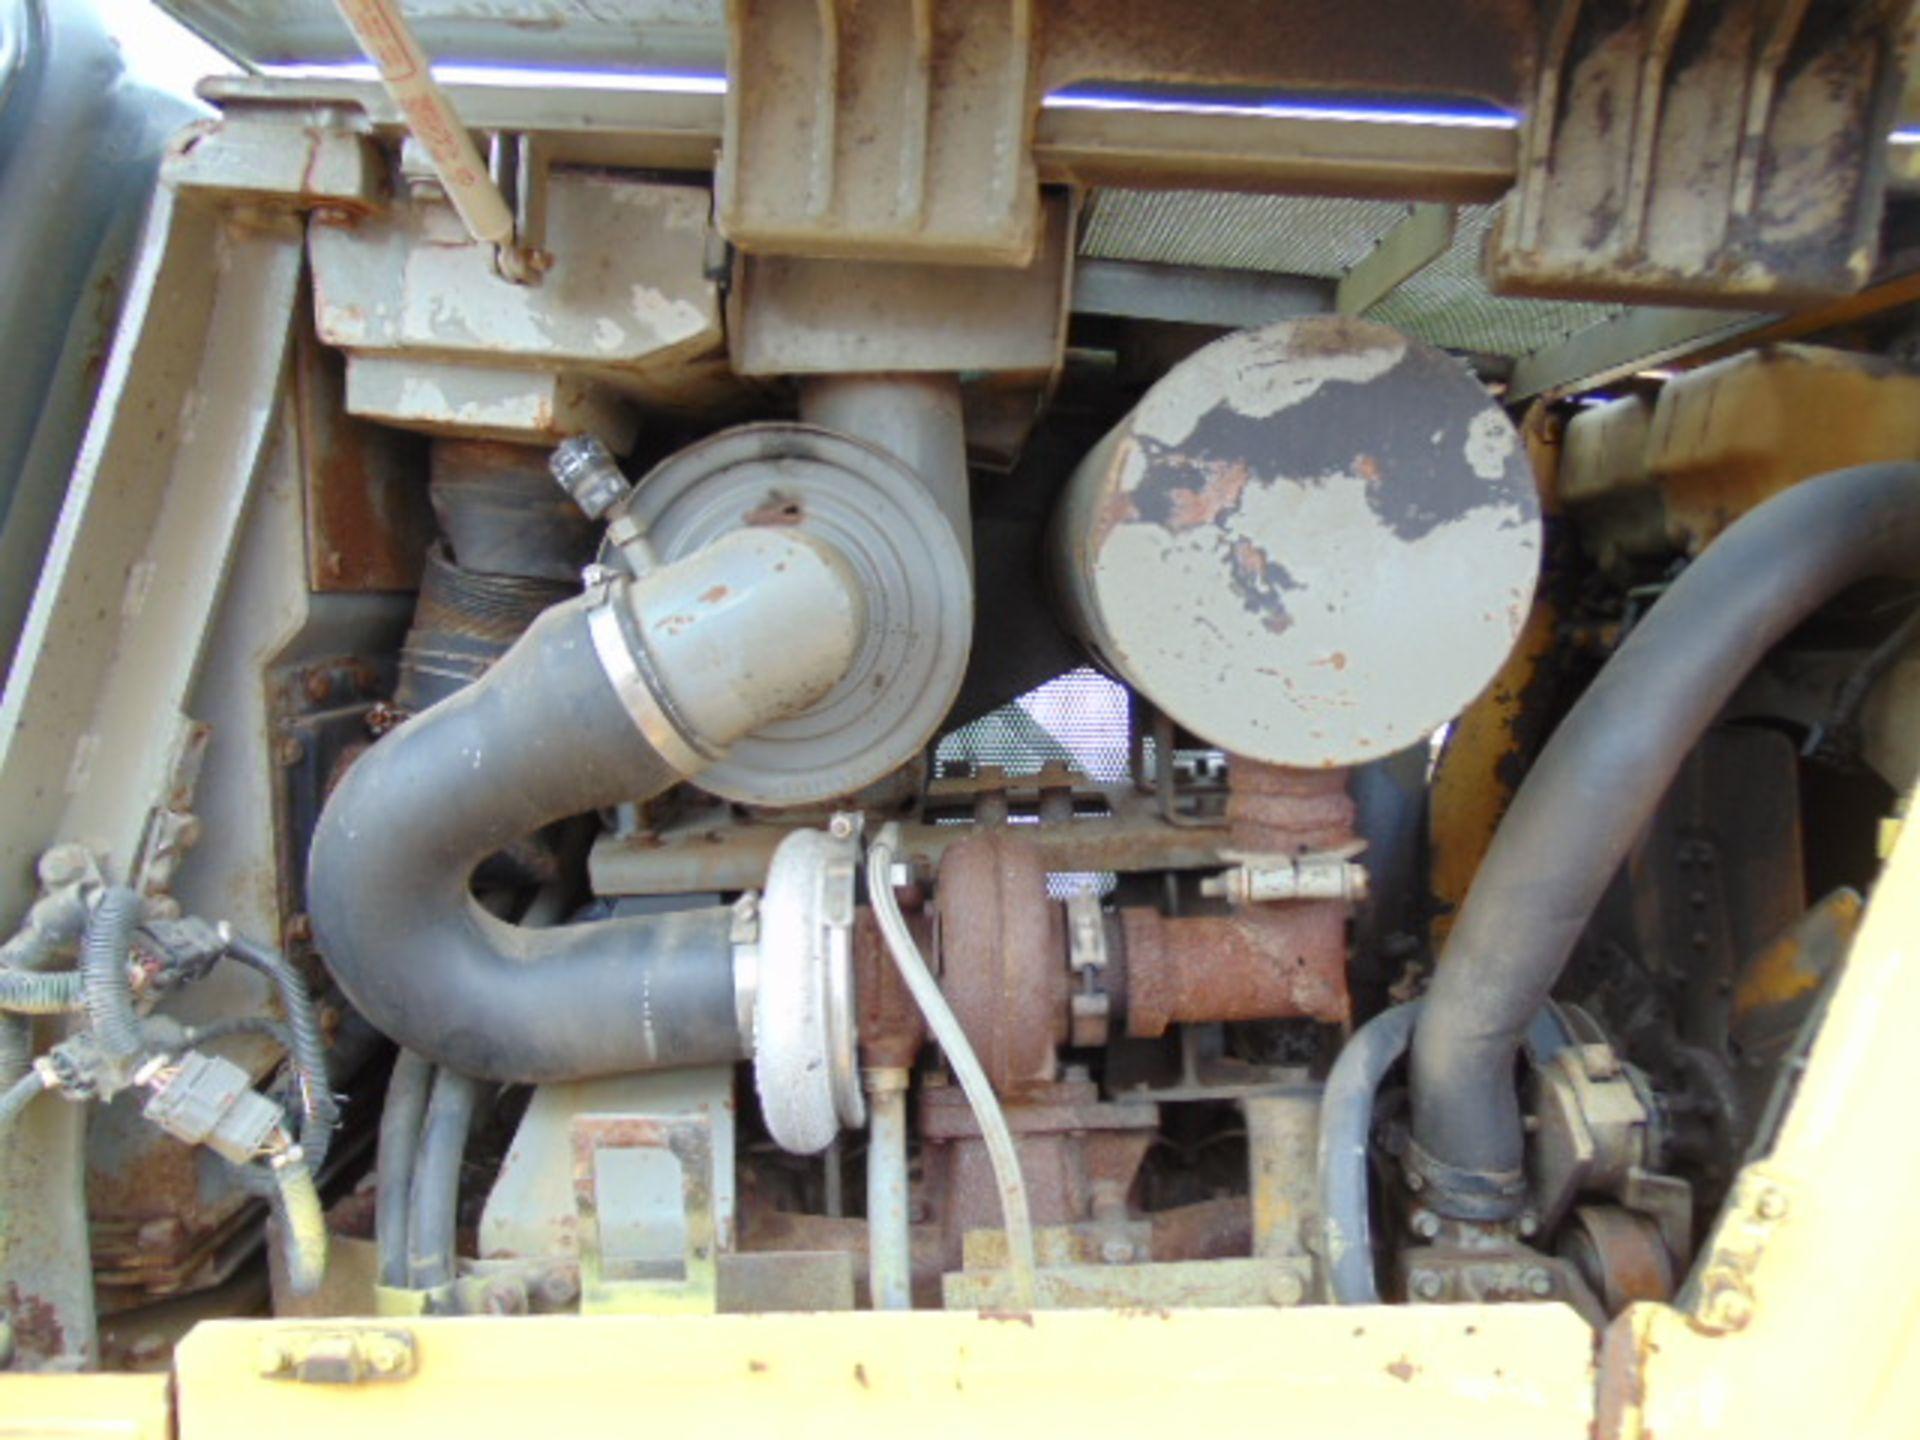 Lot 31 - Komatsu D41 P-6 Bull Dozer Crawler Tractor